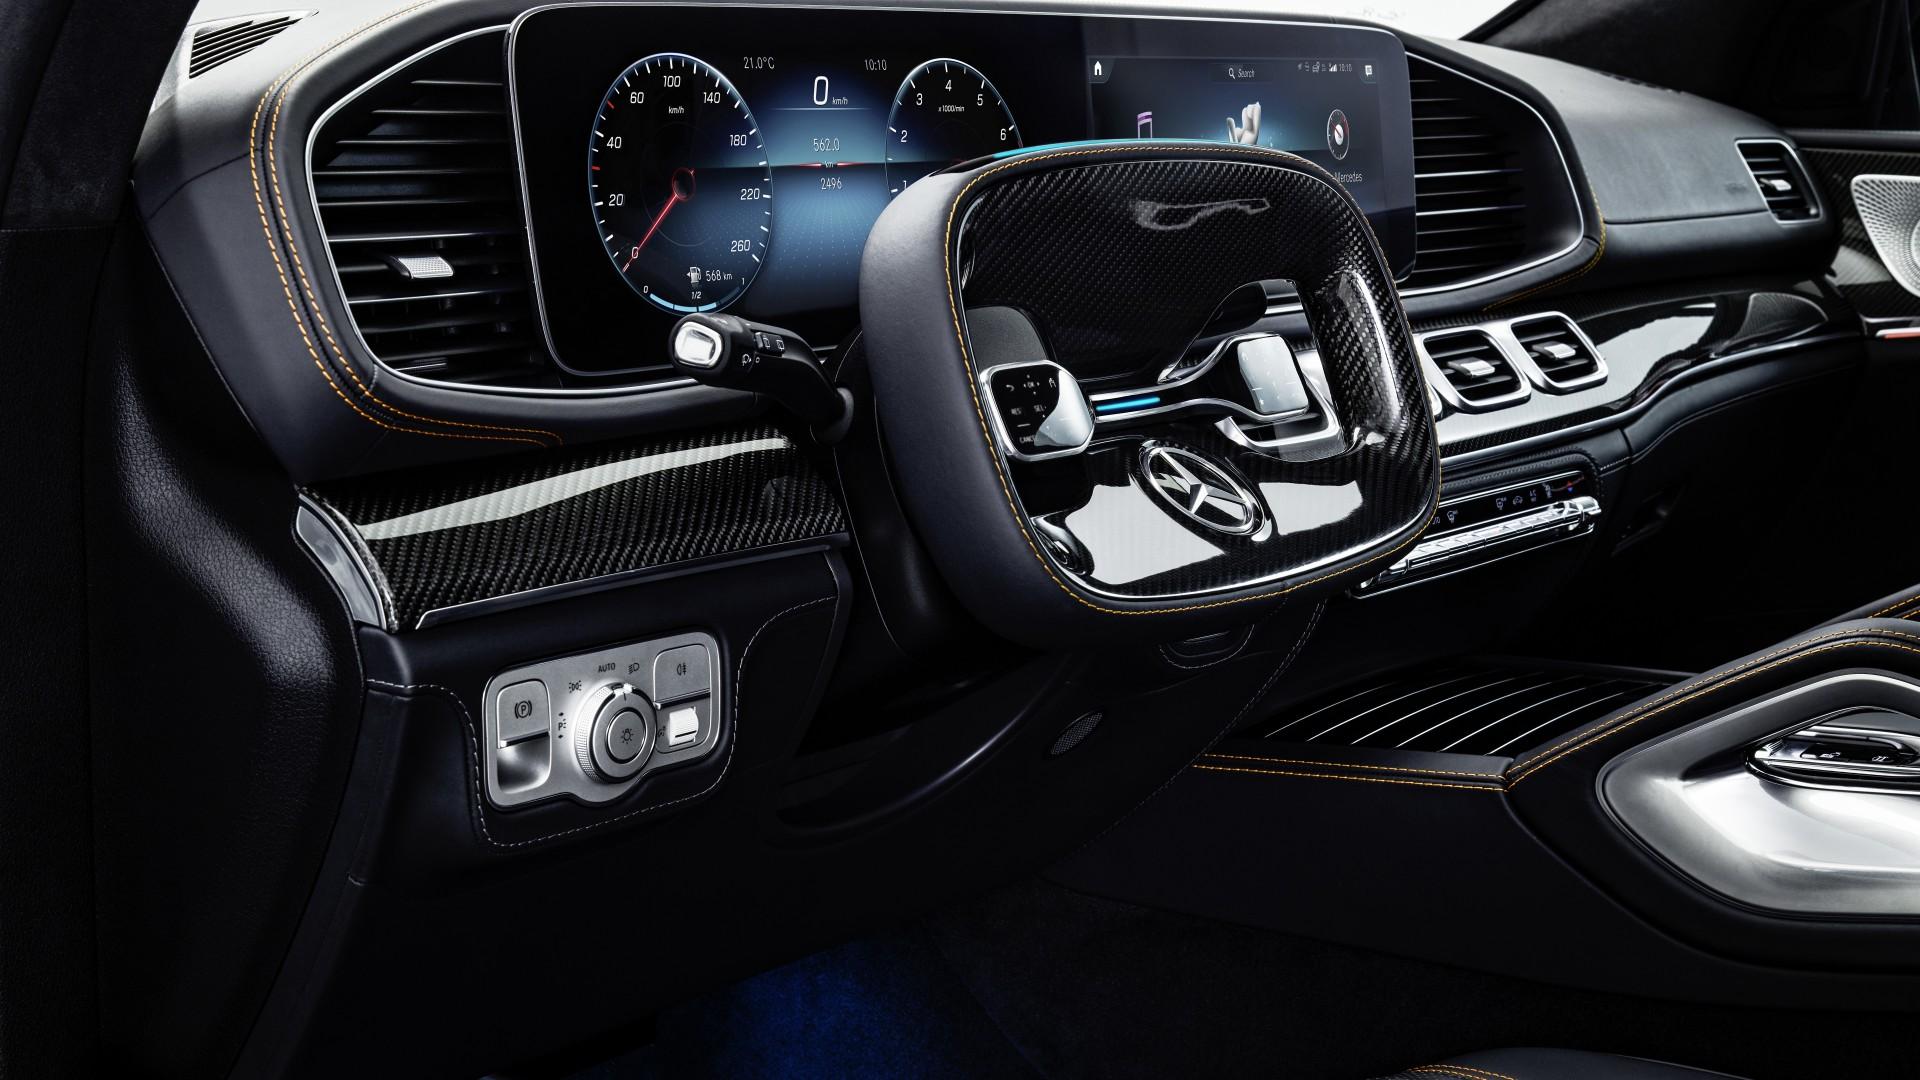 2019 Mercedes Benz Class Interior Hd Wallpapers Fondos De Pantalla